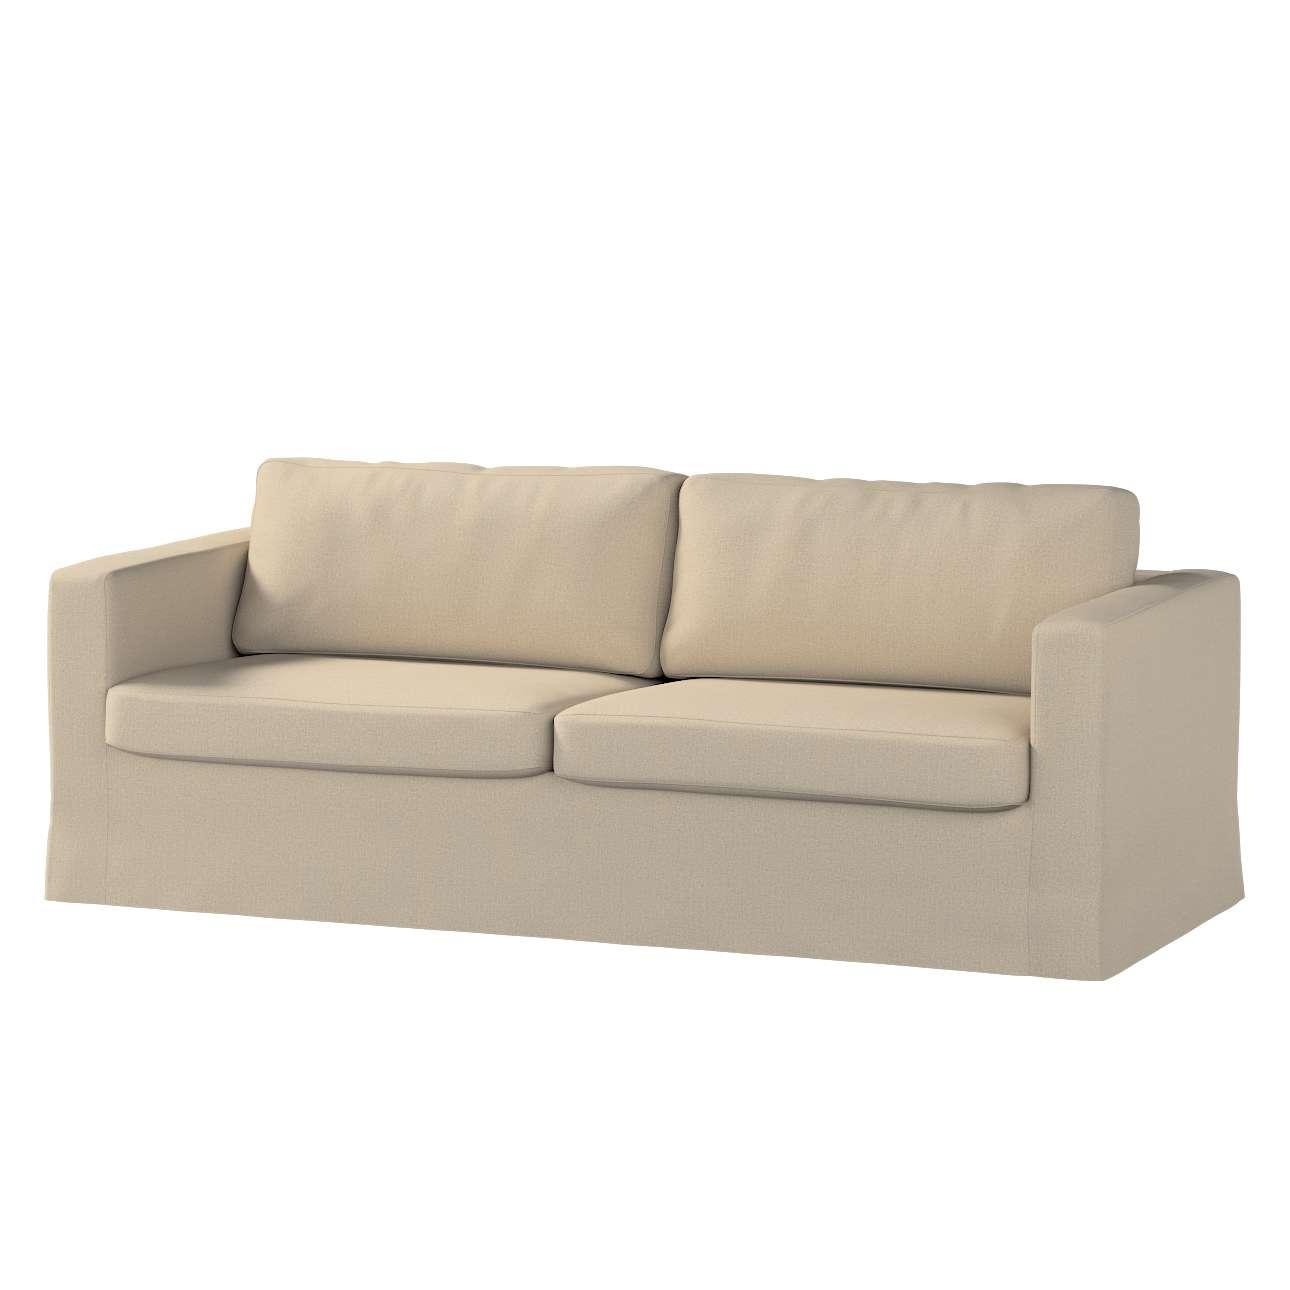 Pokrowiec na sofę Karlstad 3-osobową nierozkładaną, długi Sofa Karlstad 3-osobowa w kolekcji Edinburgh, tkanina: 115-78